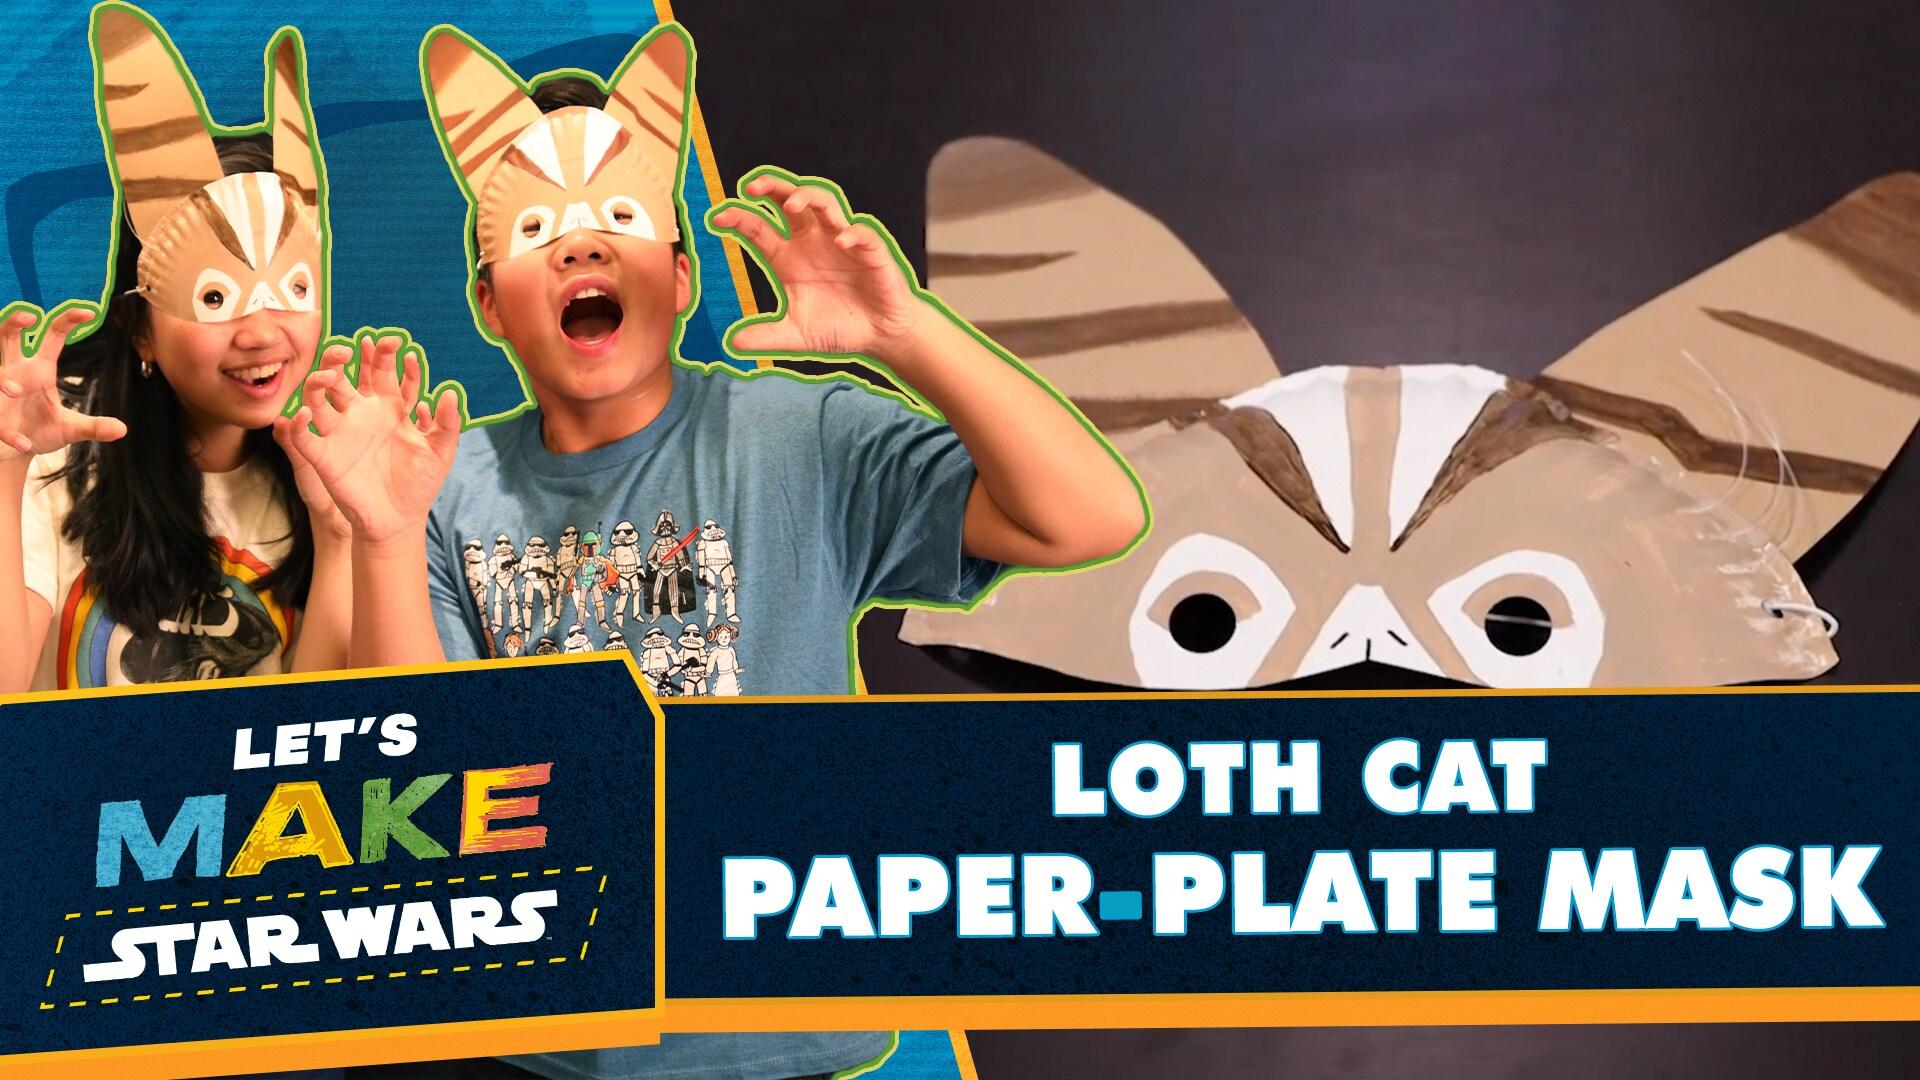 Let's Make Star Wars - How to Make Paper Plate Masks